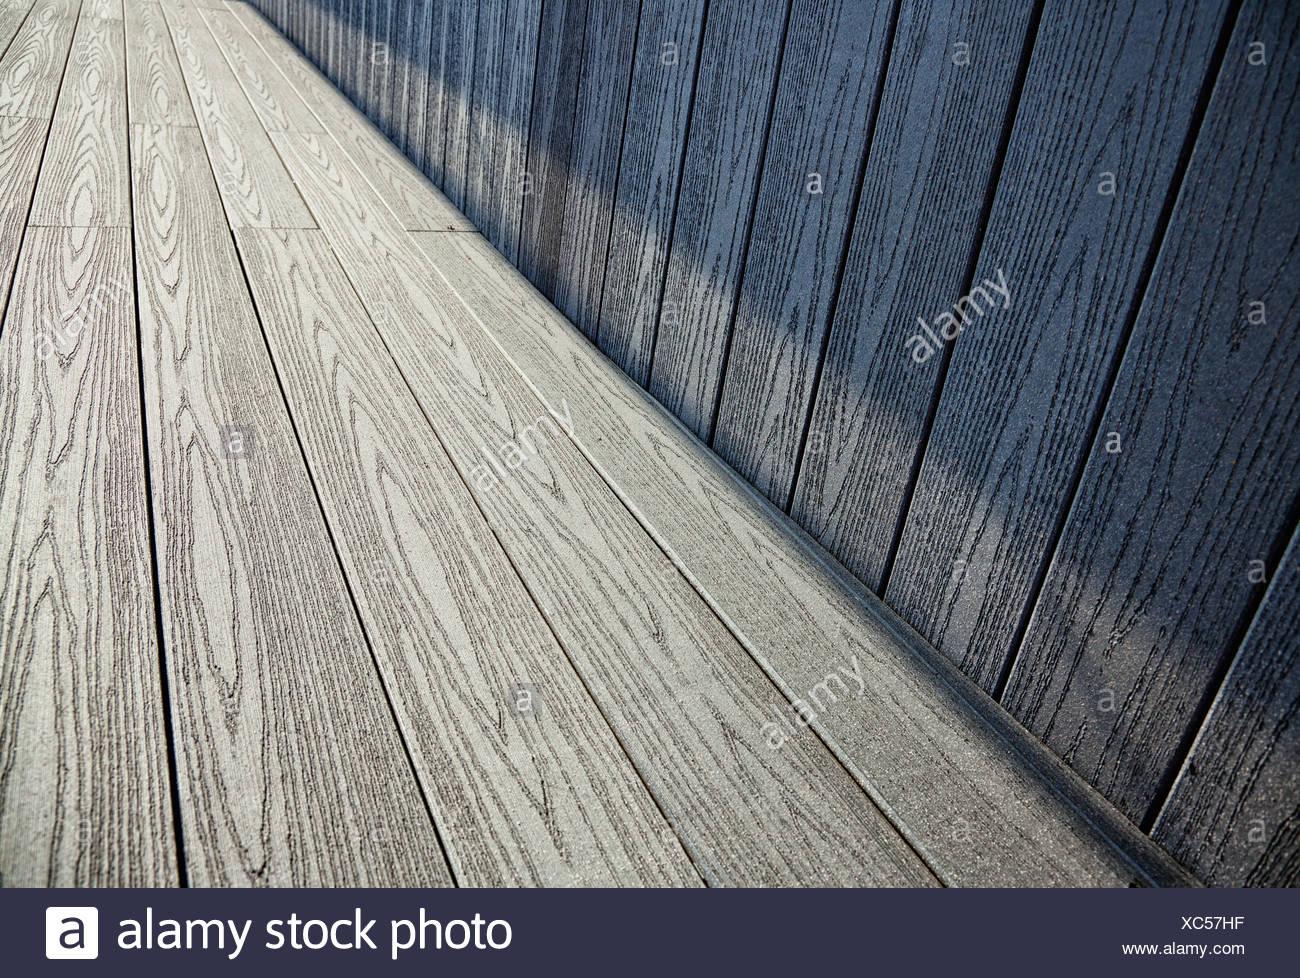 Perspektive-Holz-Interieur ist leer für Ihr design Stockbild